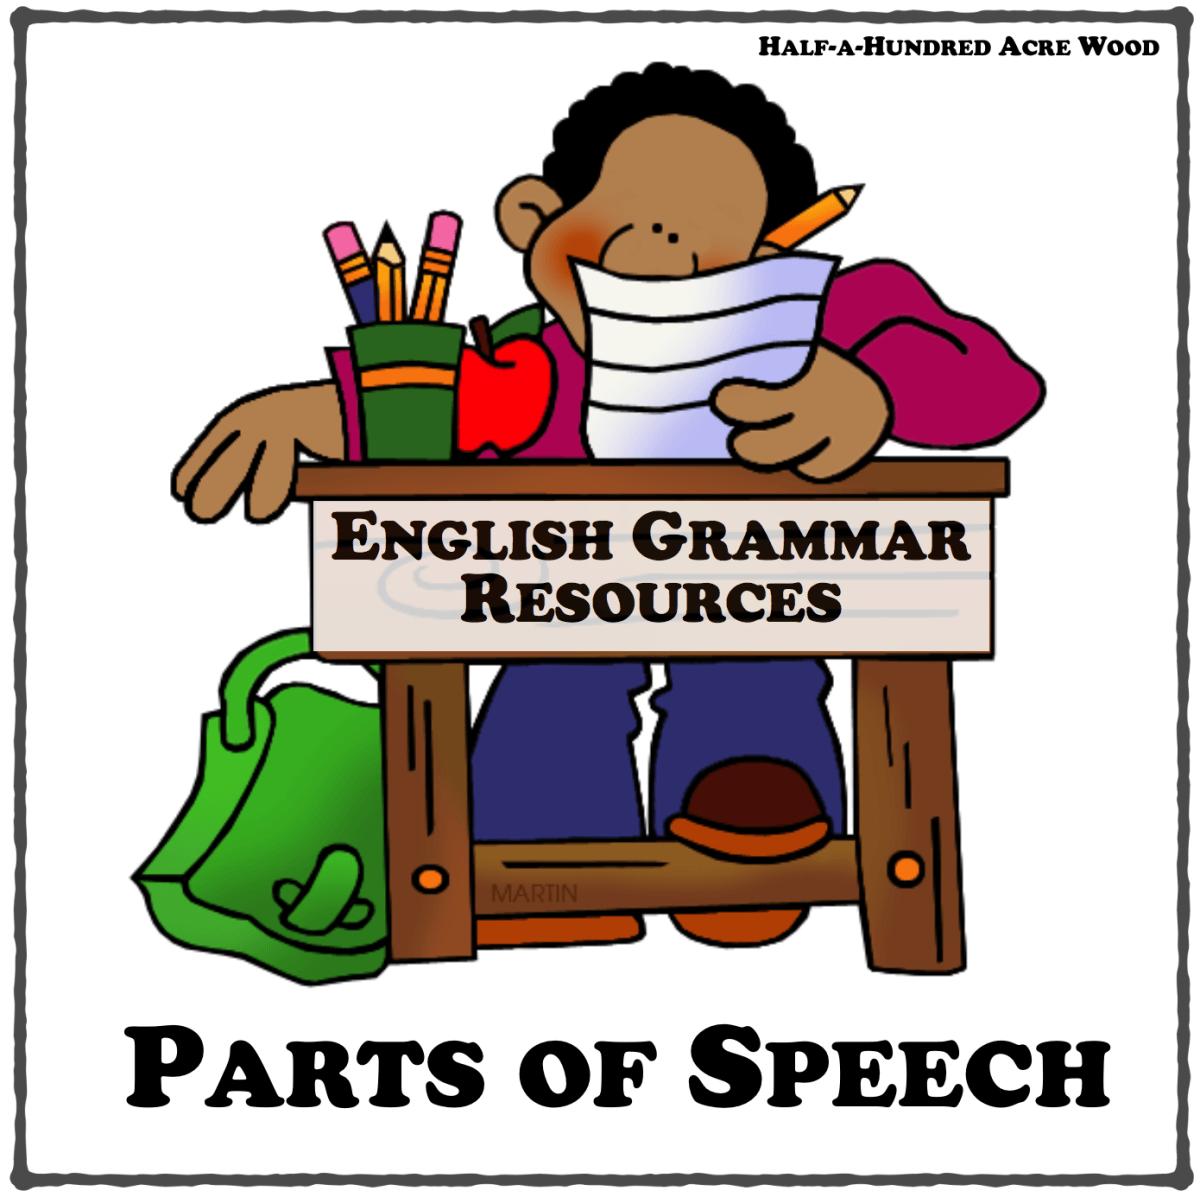 English Grammar Resources Parts Of Speech